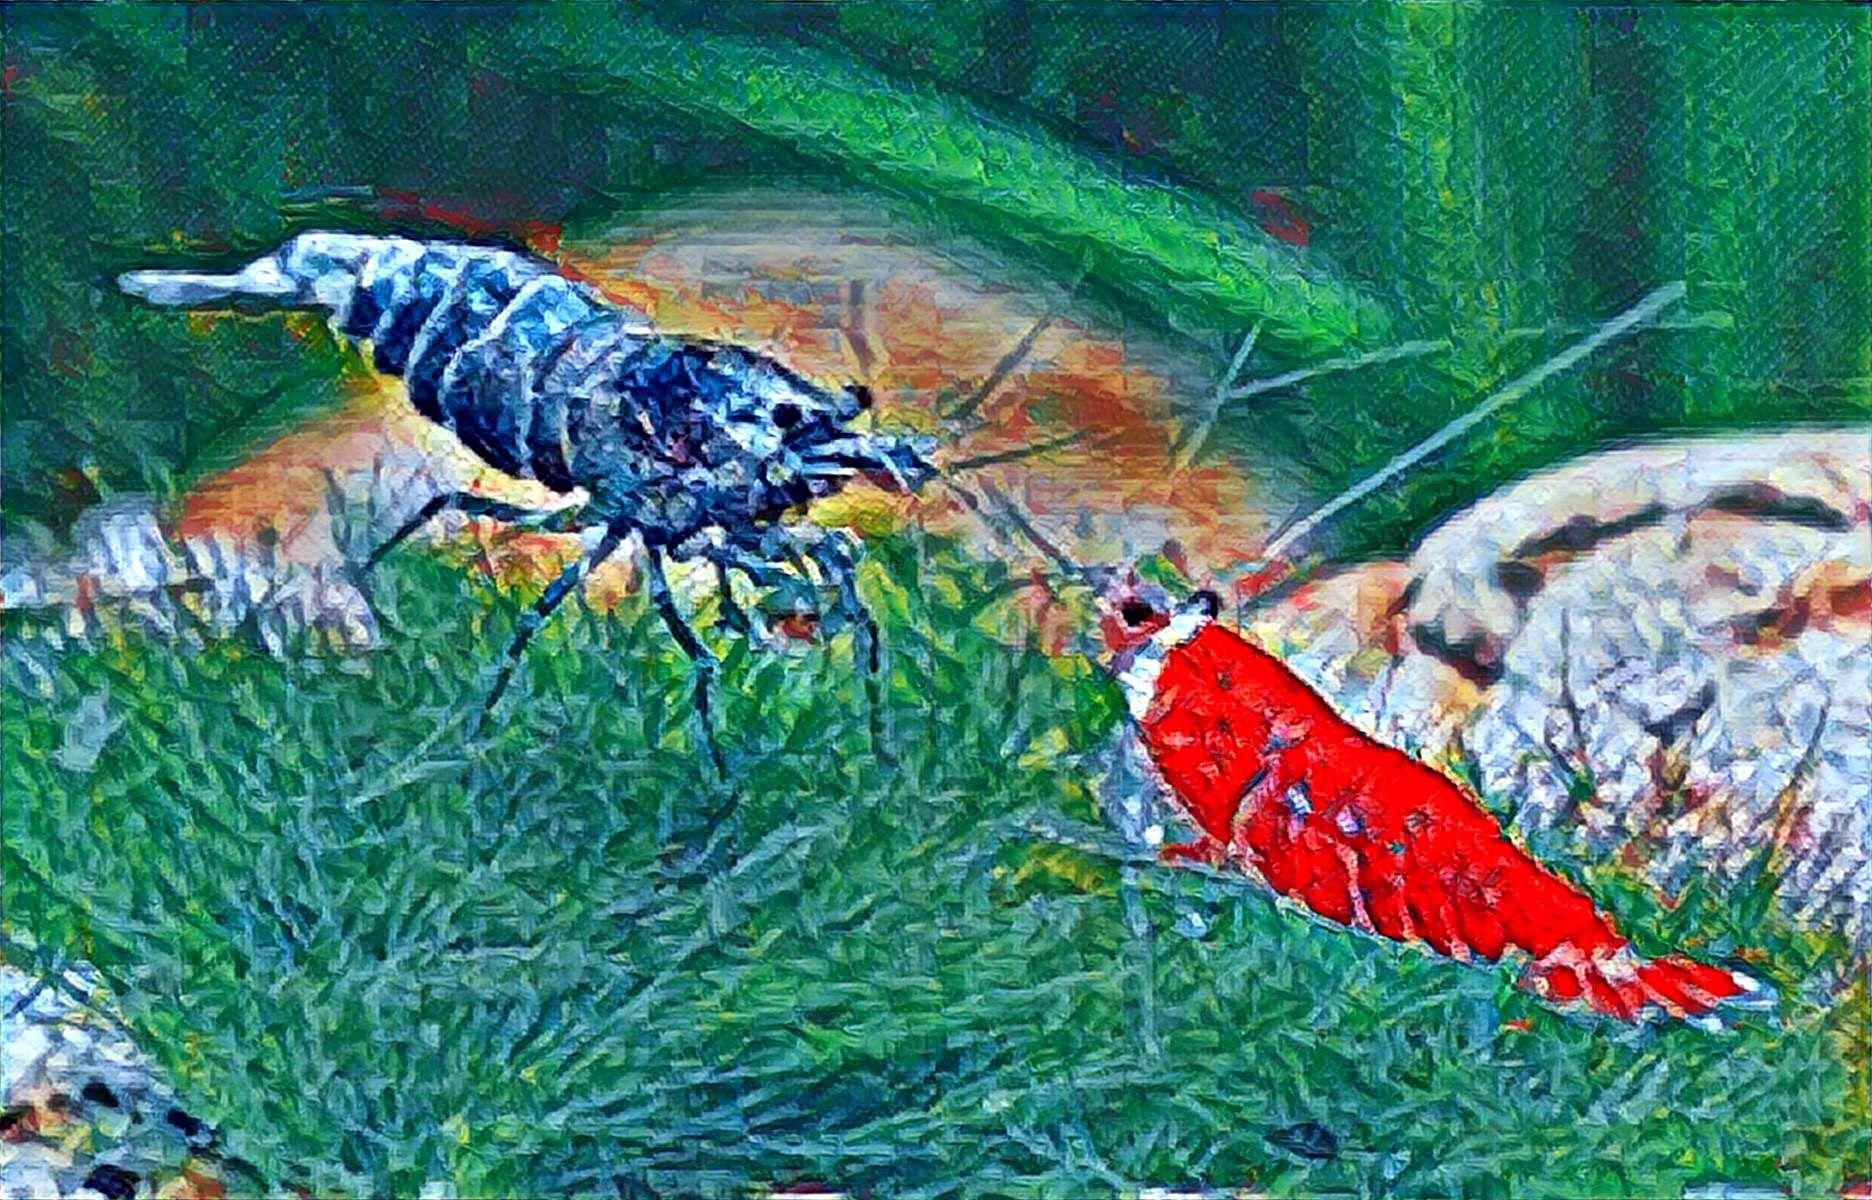 1c0998a68d30633467716bb24164d2e2 Luxe De Crevette Aquarium Des Idées